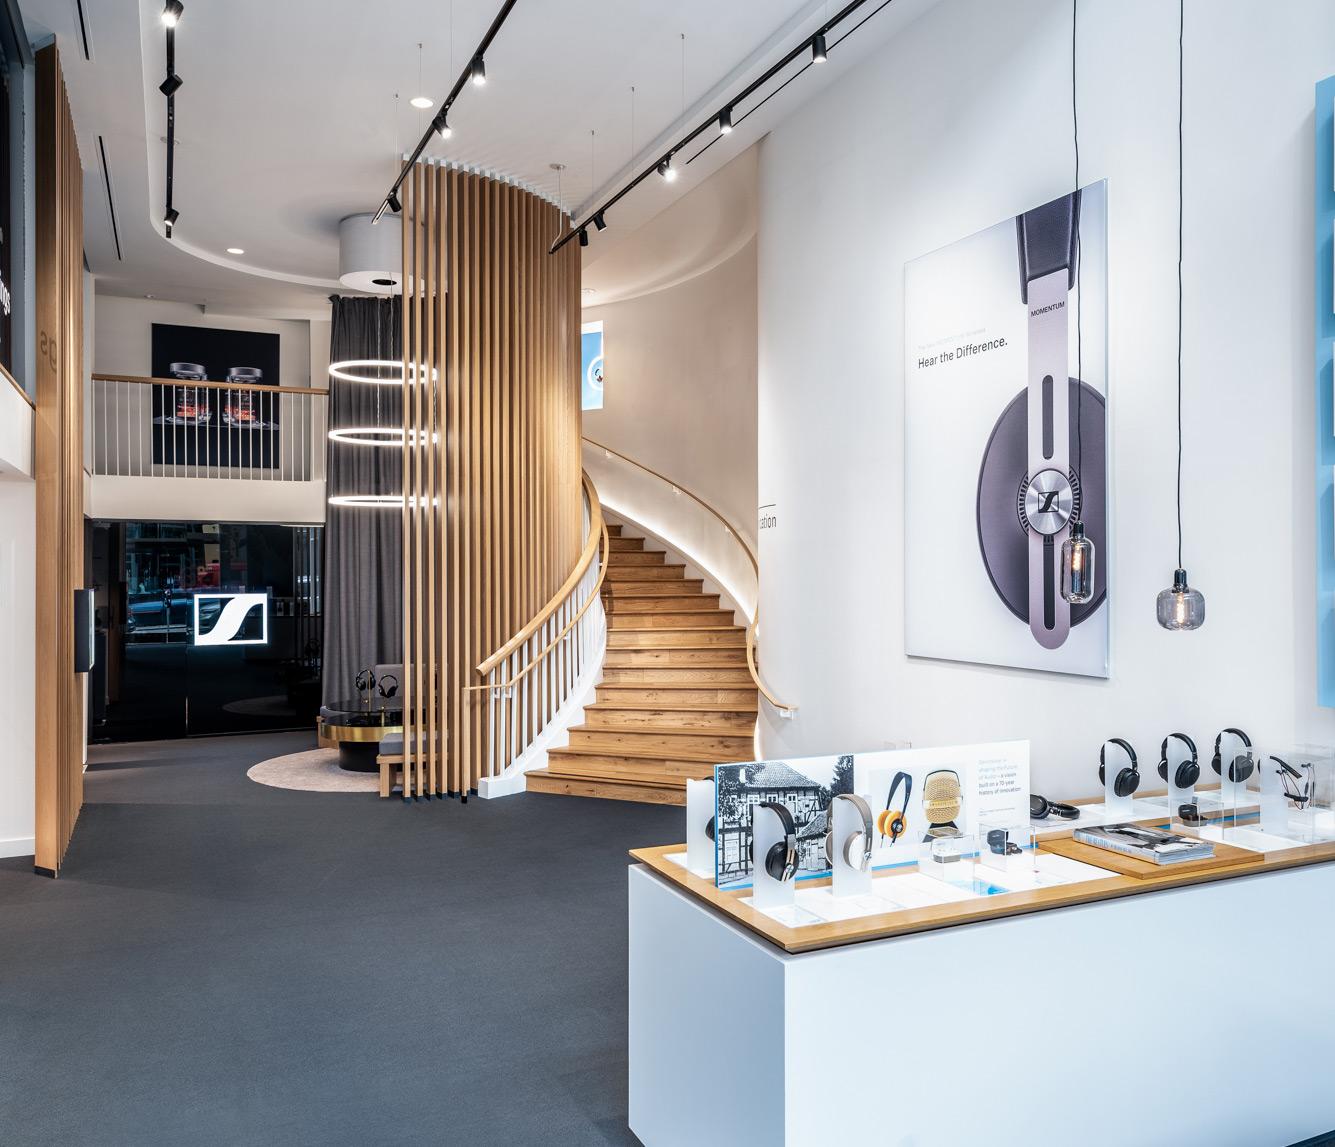 LED Ringleuchte TheO Sennheiser Store